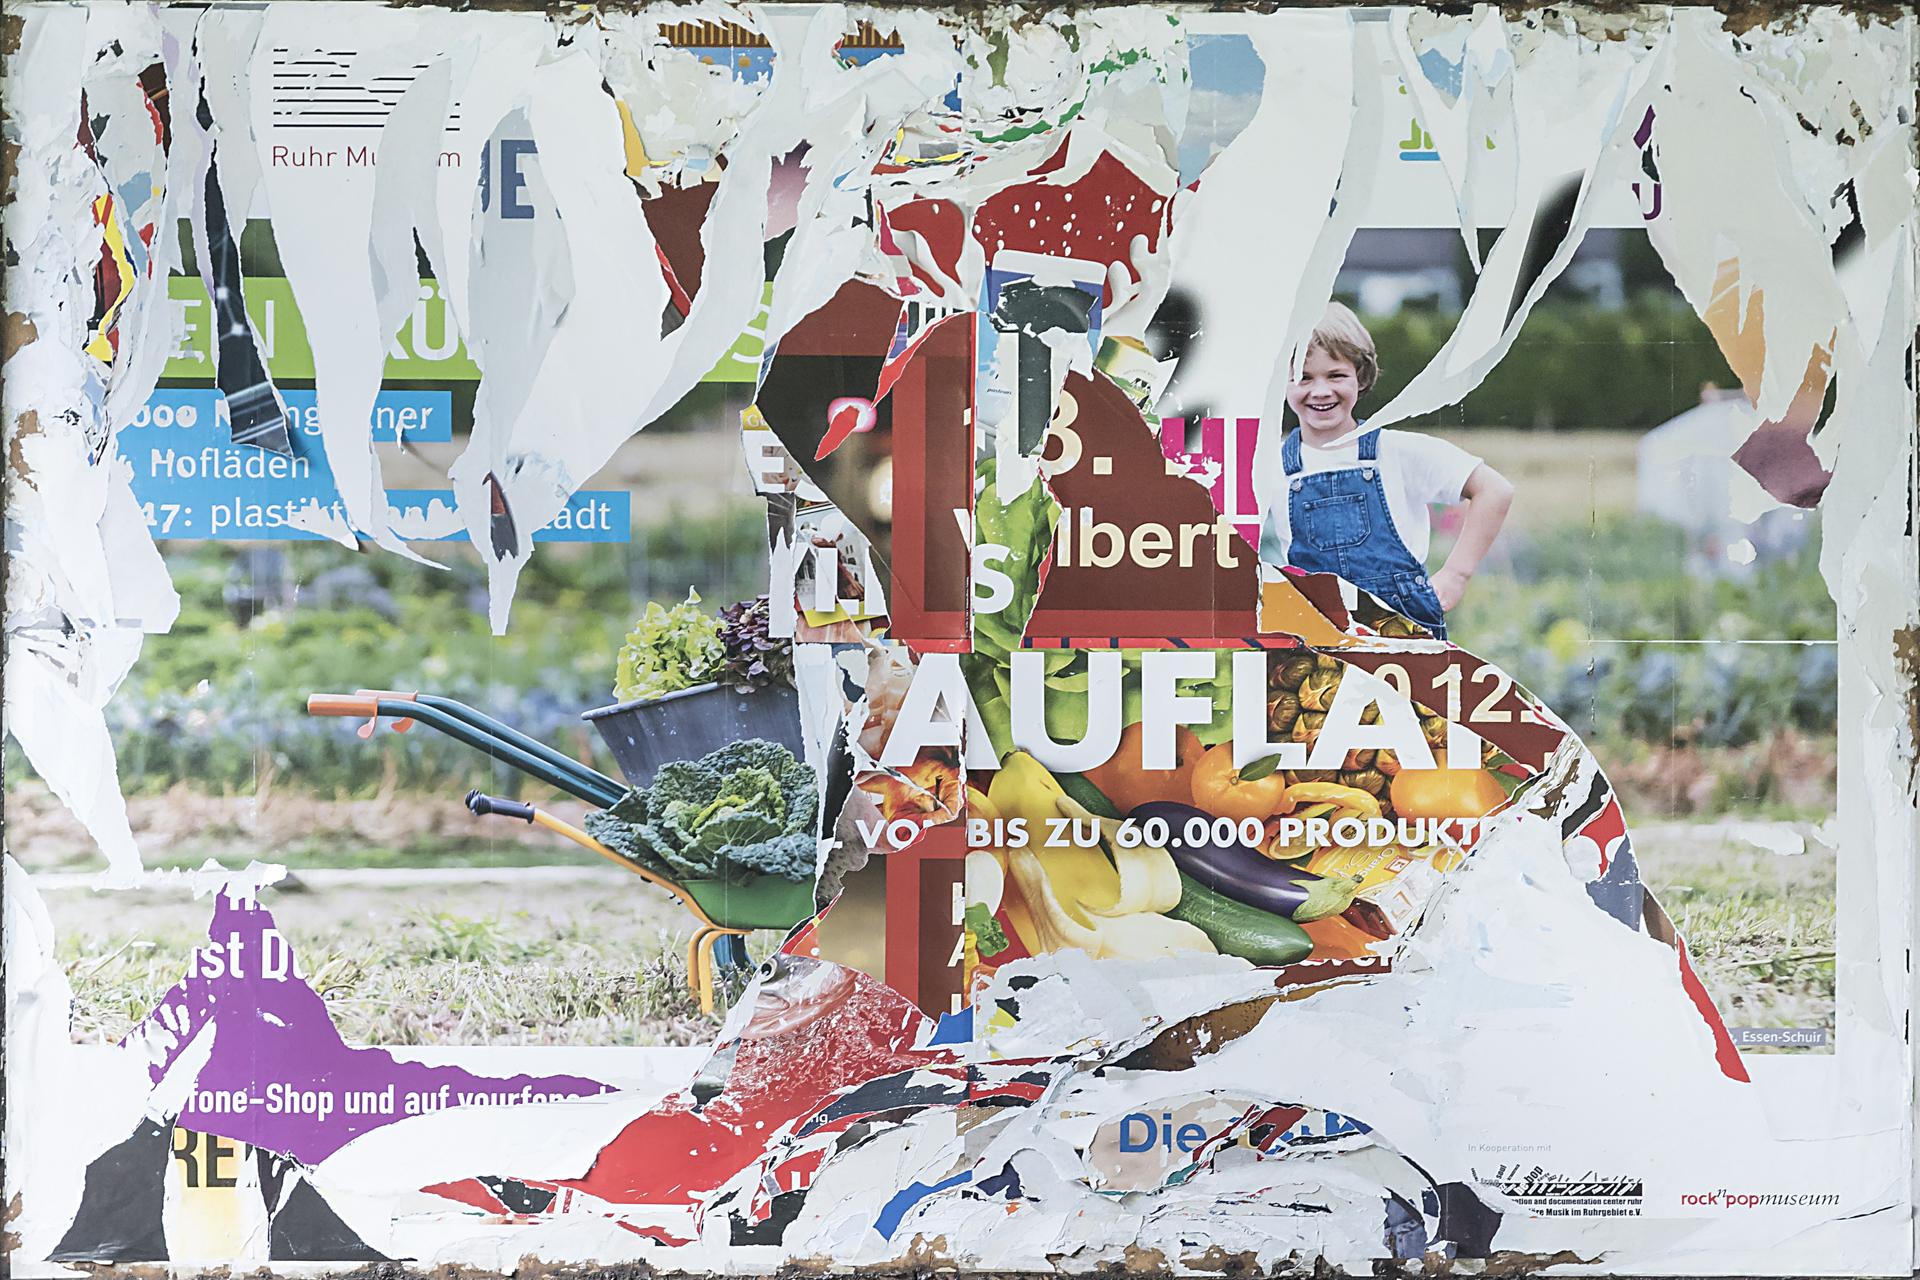 rückständig XVI • Lambda-Print auf FUJIFILM Crystal Archive DPII, 60 x 40 cm, rahmenloser Bilderhalter • Auflage: 5 + 2 Artist's Proof